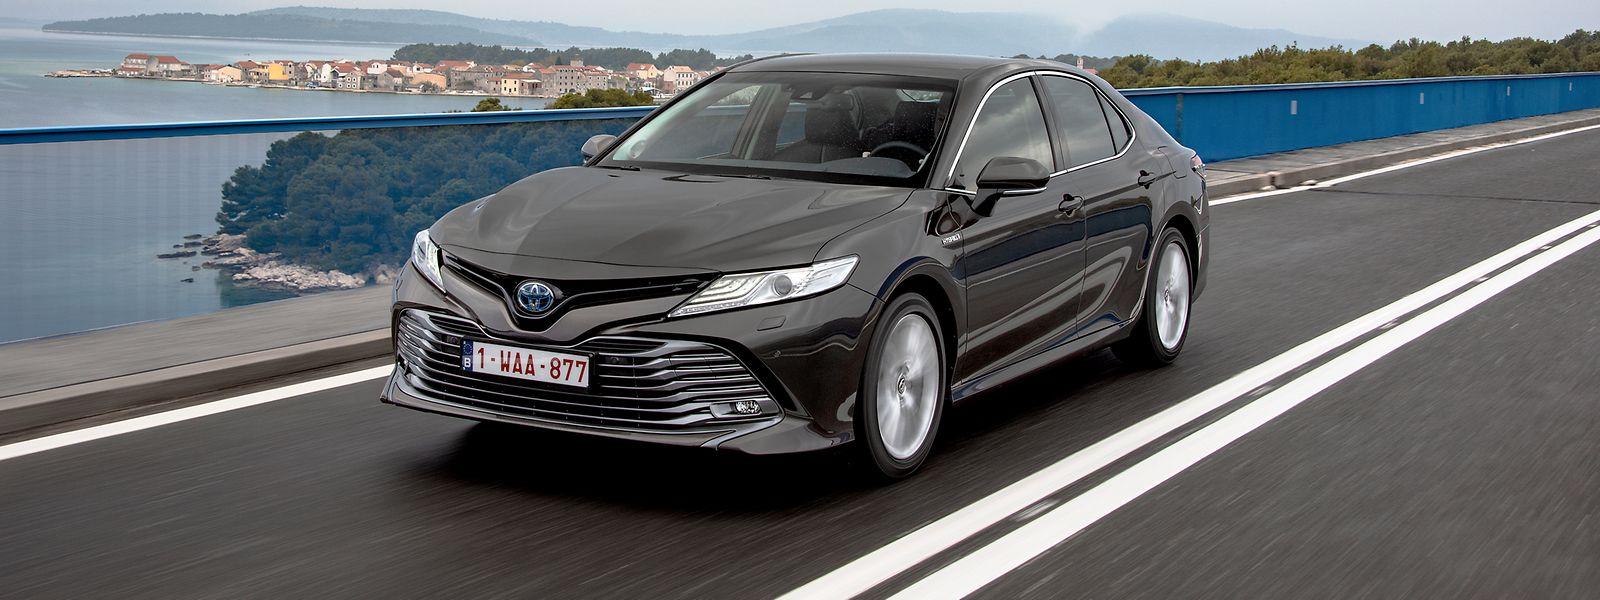 Die fahrdynamischen Eigenschaften des eleganten Toyota Camry wurden speziell auf die Bedürfnisse des europäischen Marktes abgestimmt.